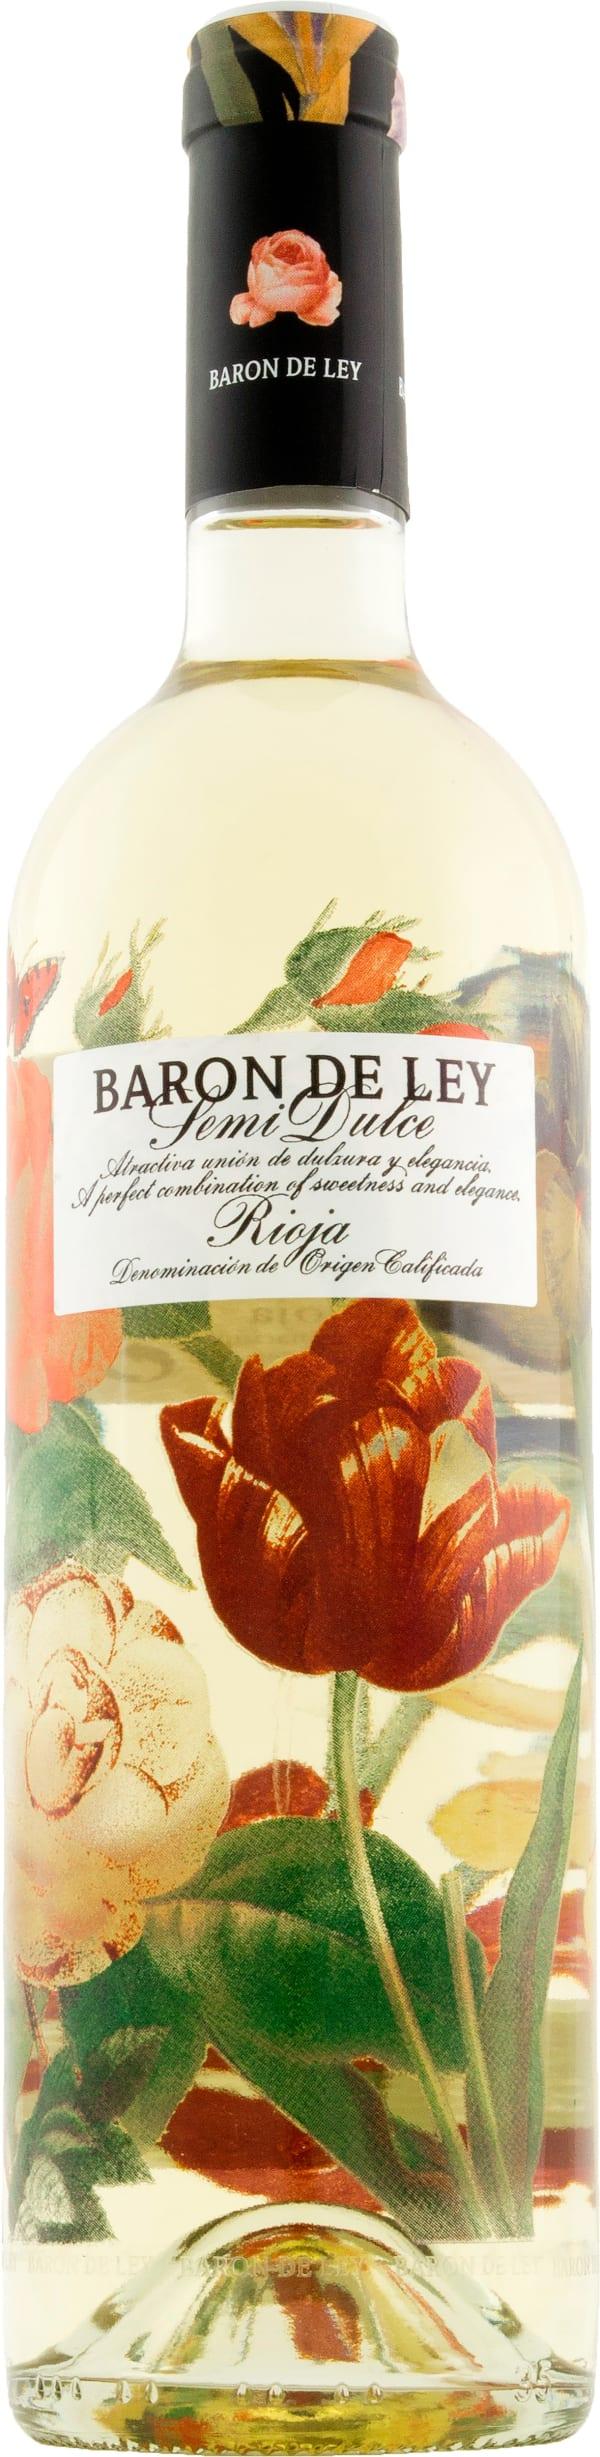 Baron de Ley Semi Dulce 2020